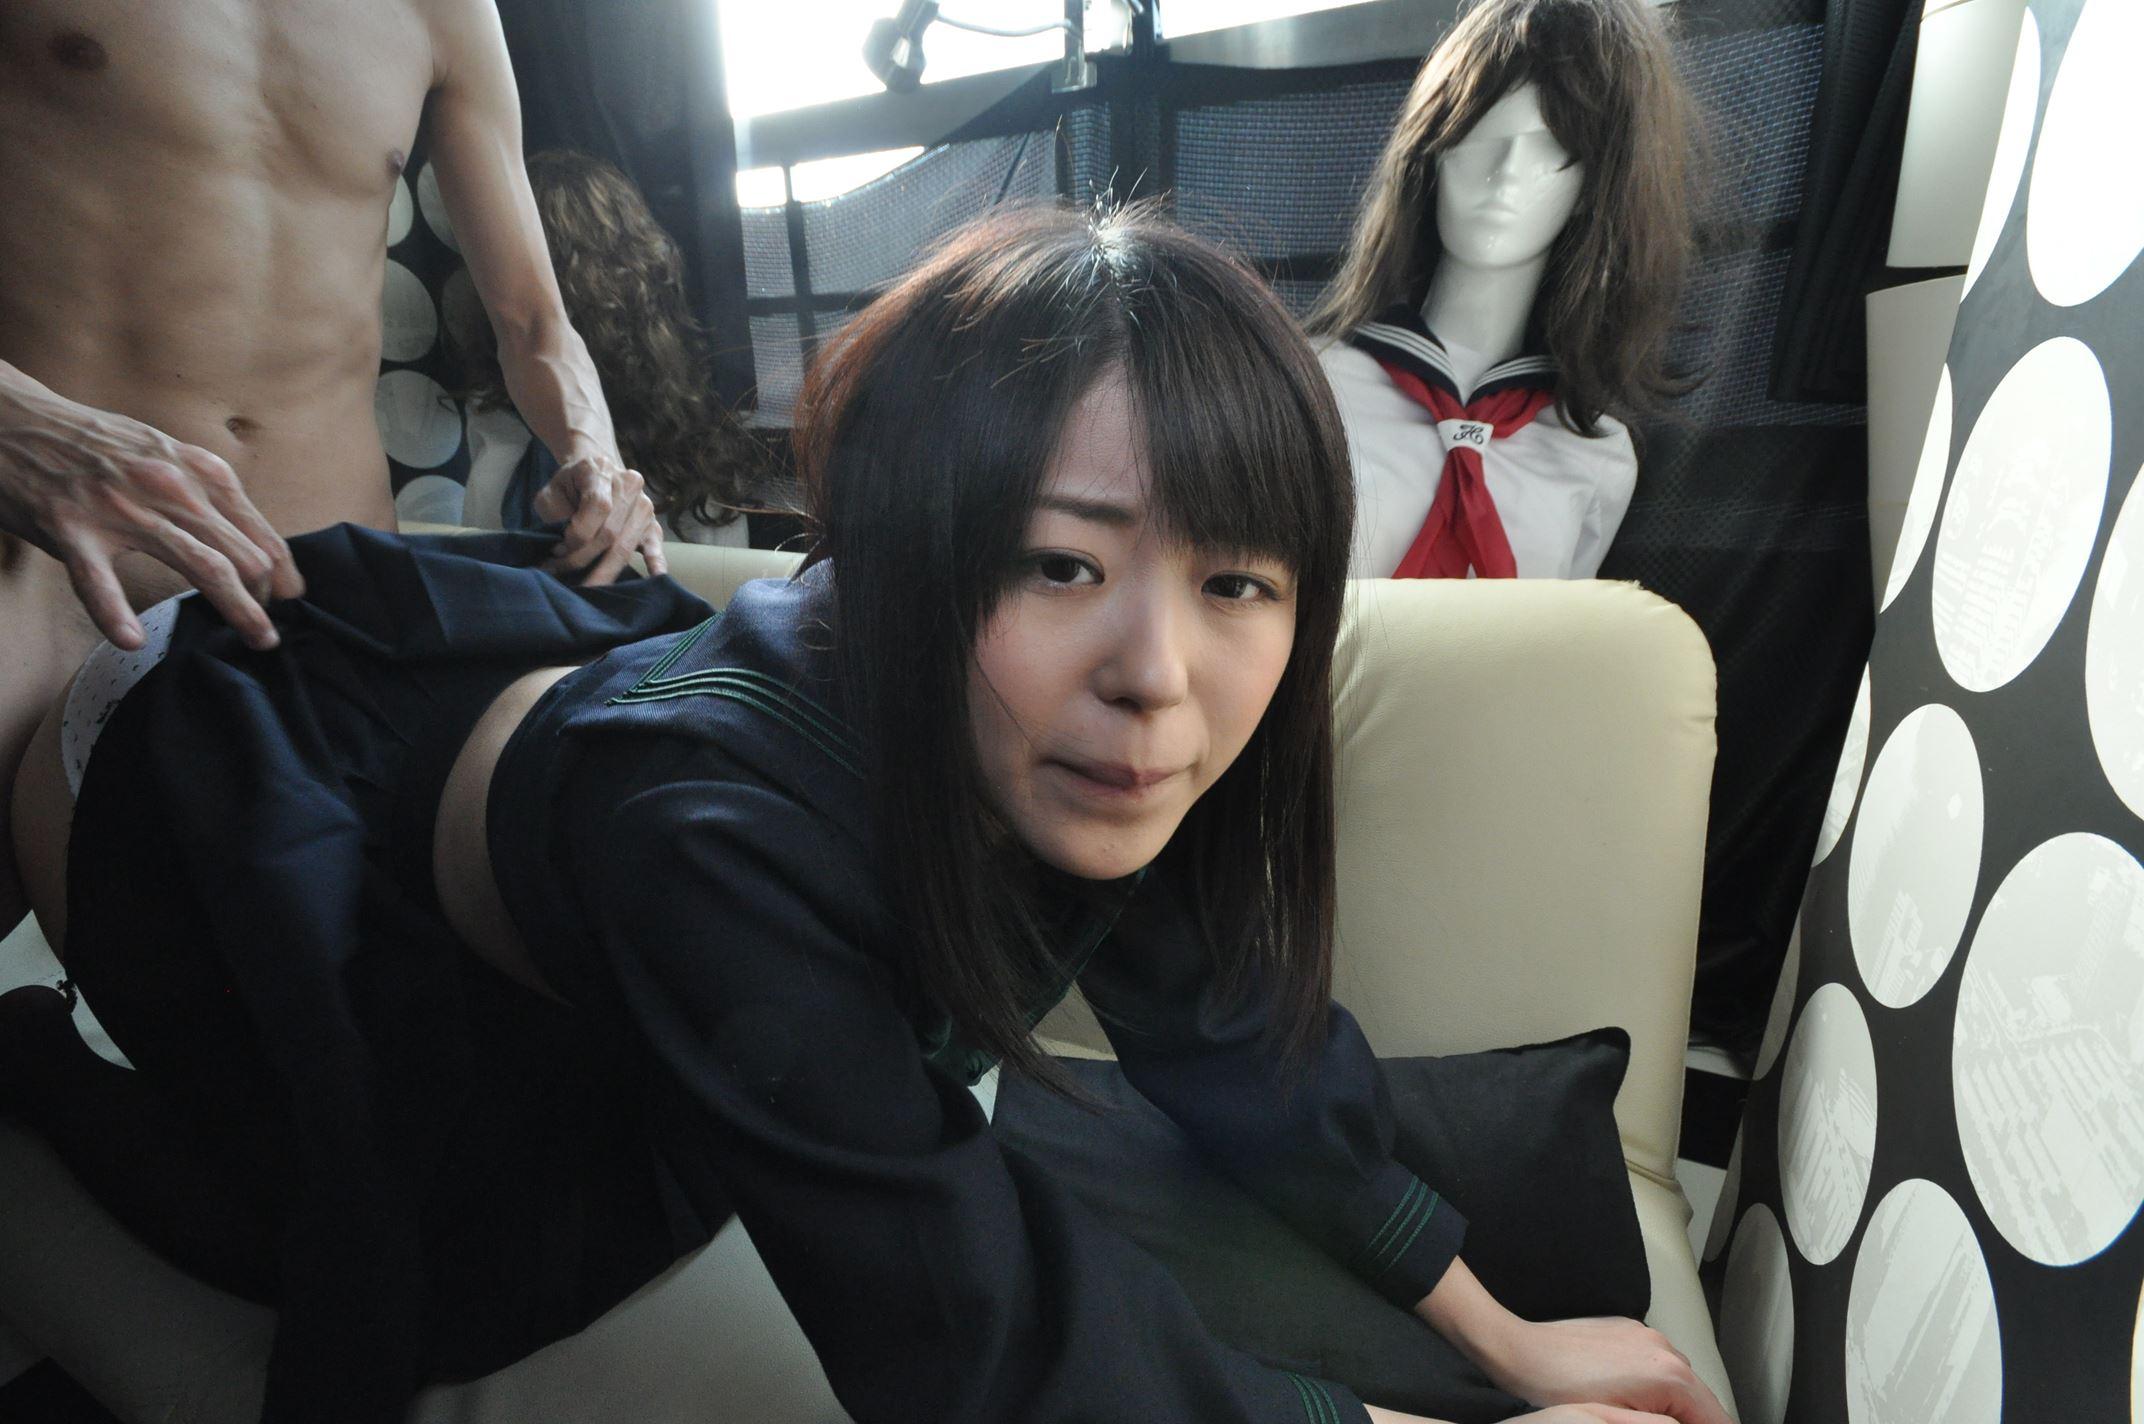 winny素人投稿素人流出tumblr 66 【三次】北乃○いちゃん激似!?清楚風ビッチな黒髪